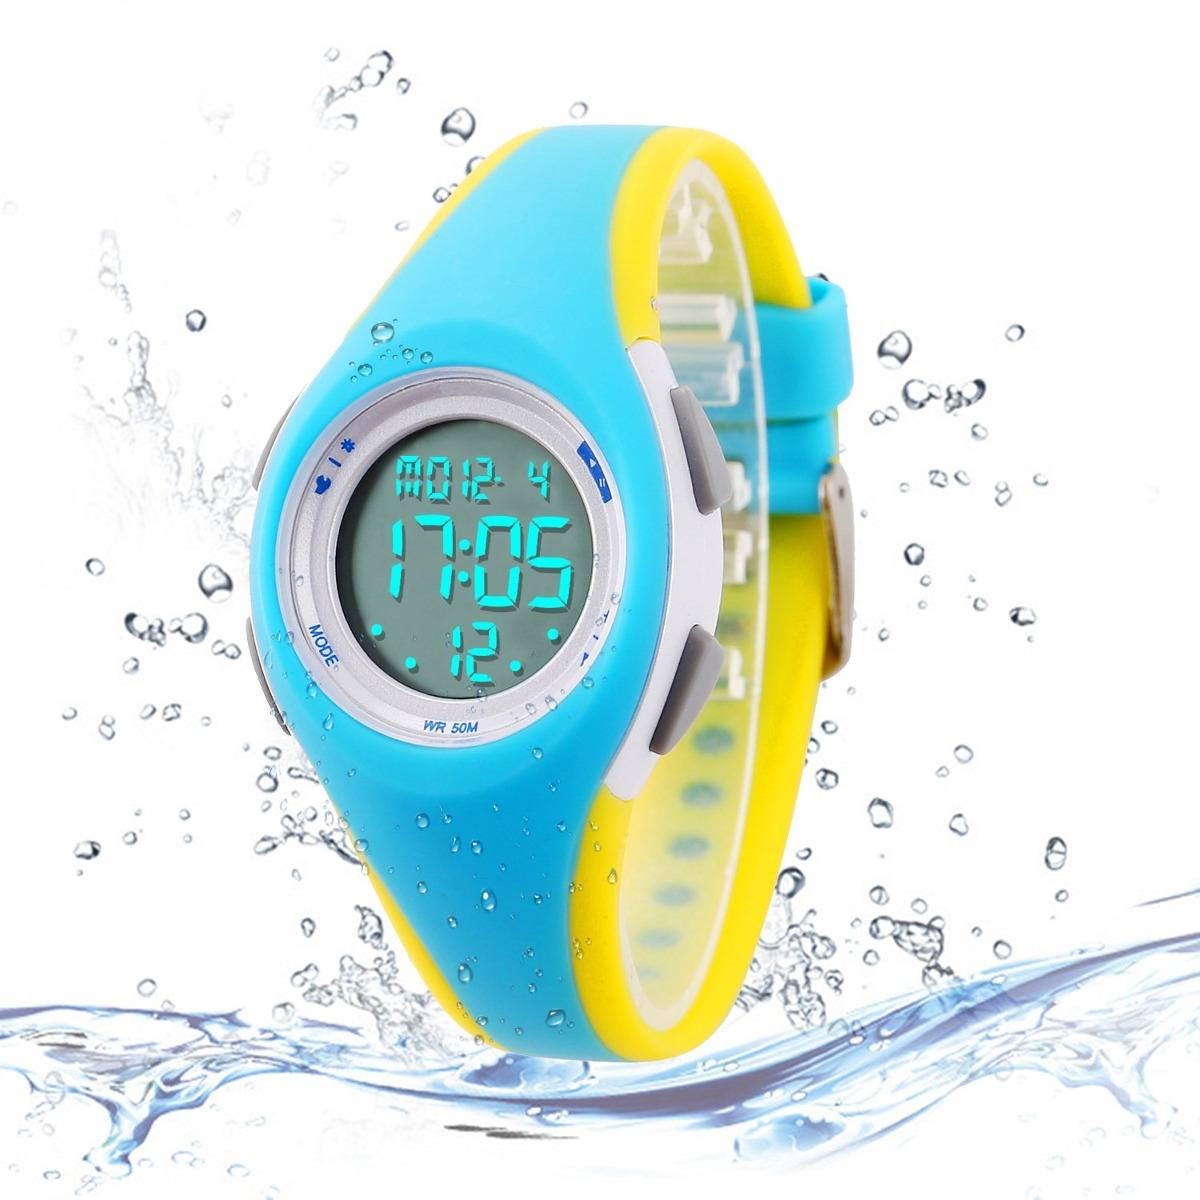 1196a5e4120e reloj deportivo digital para niños reloj impermeable al a. Cargando zoom.